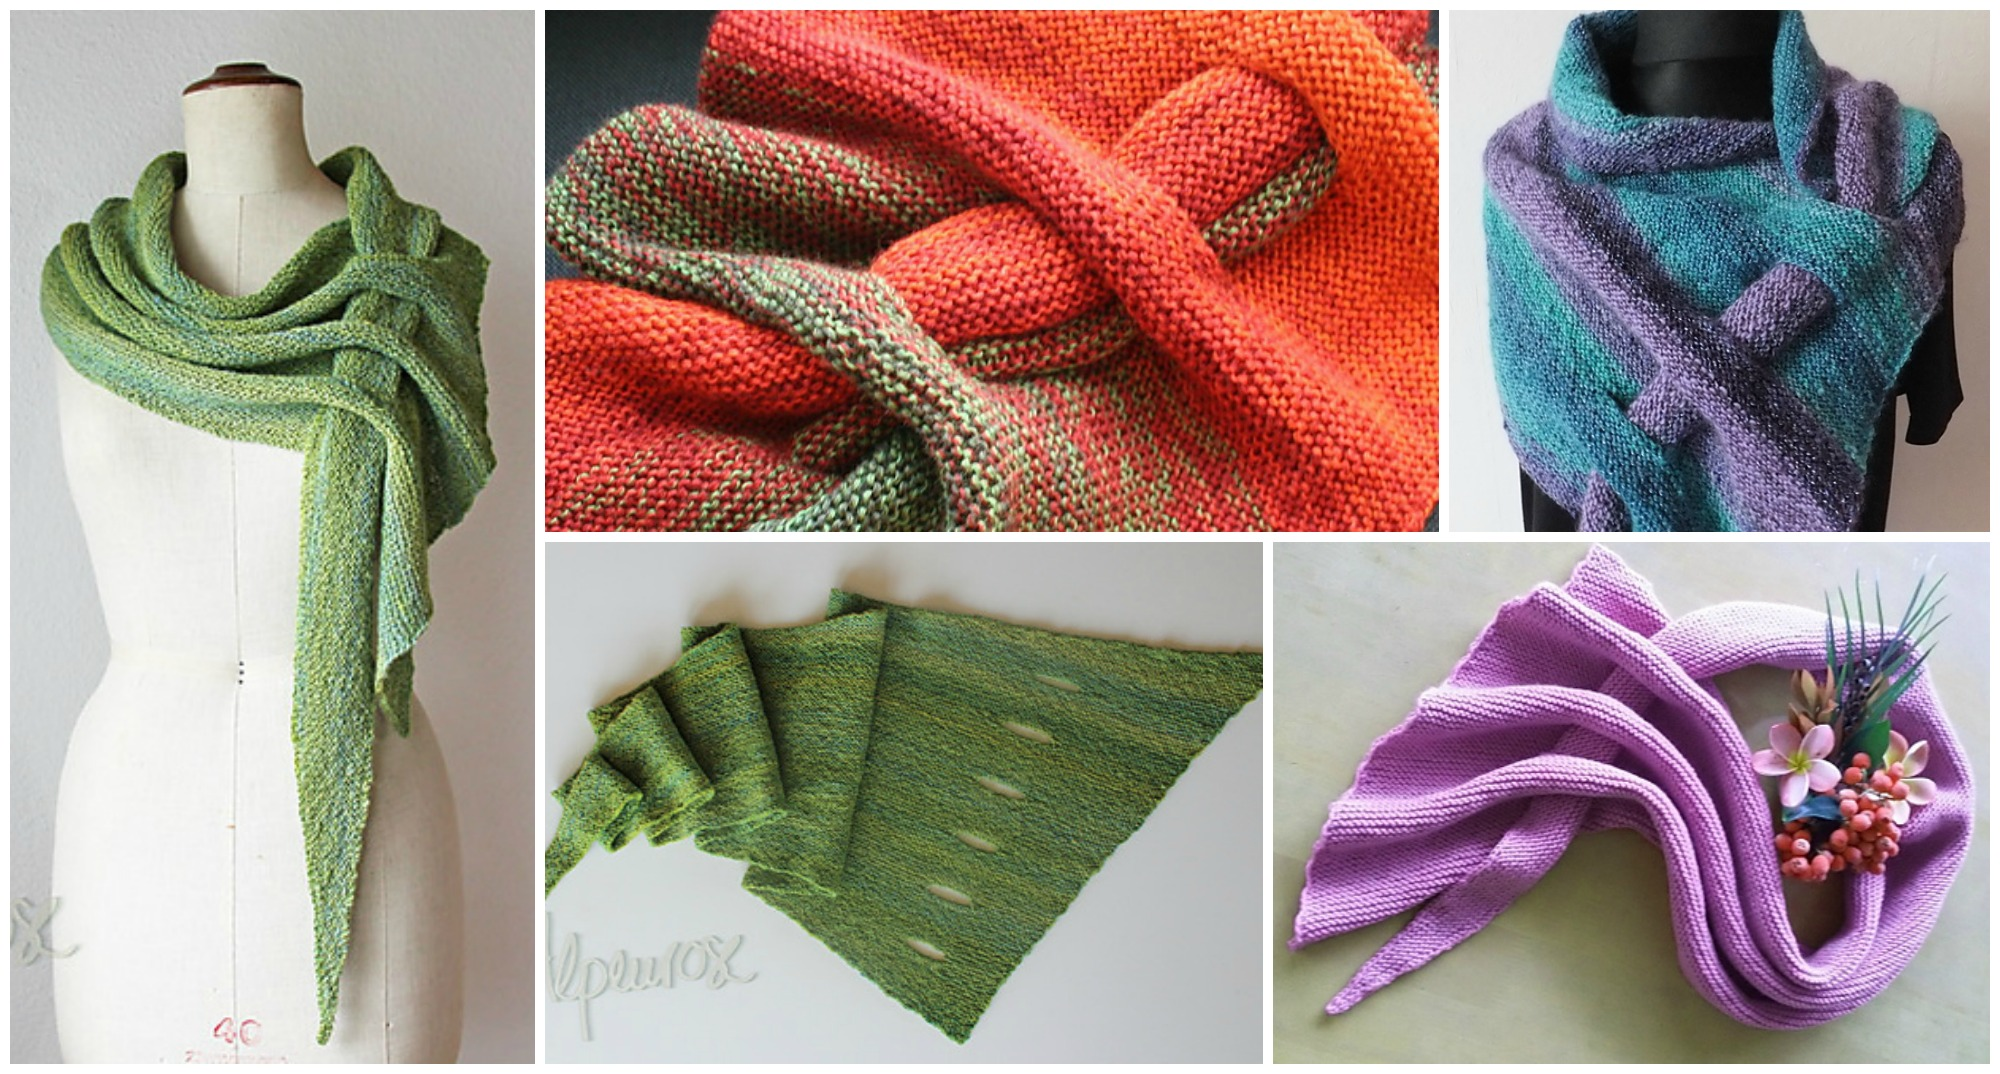 Knit Pfeilraupe Free Pattern Crochet Ideas